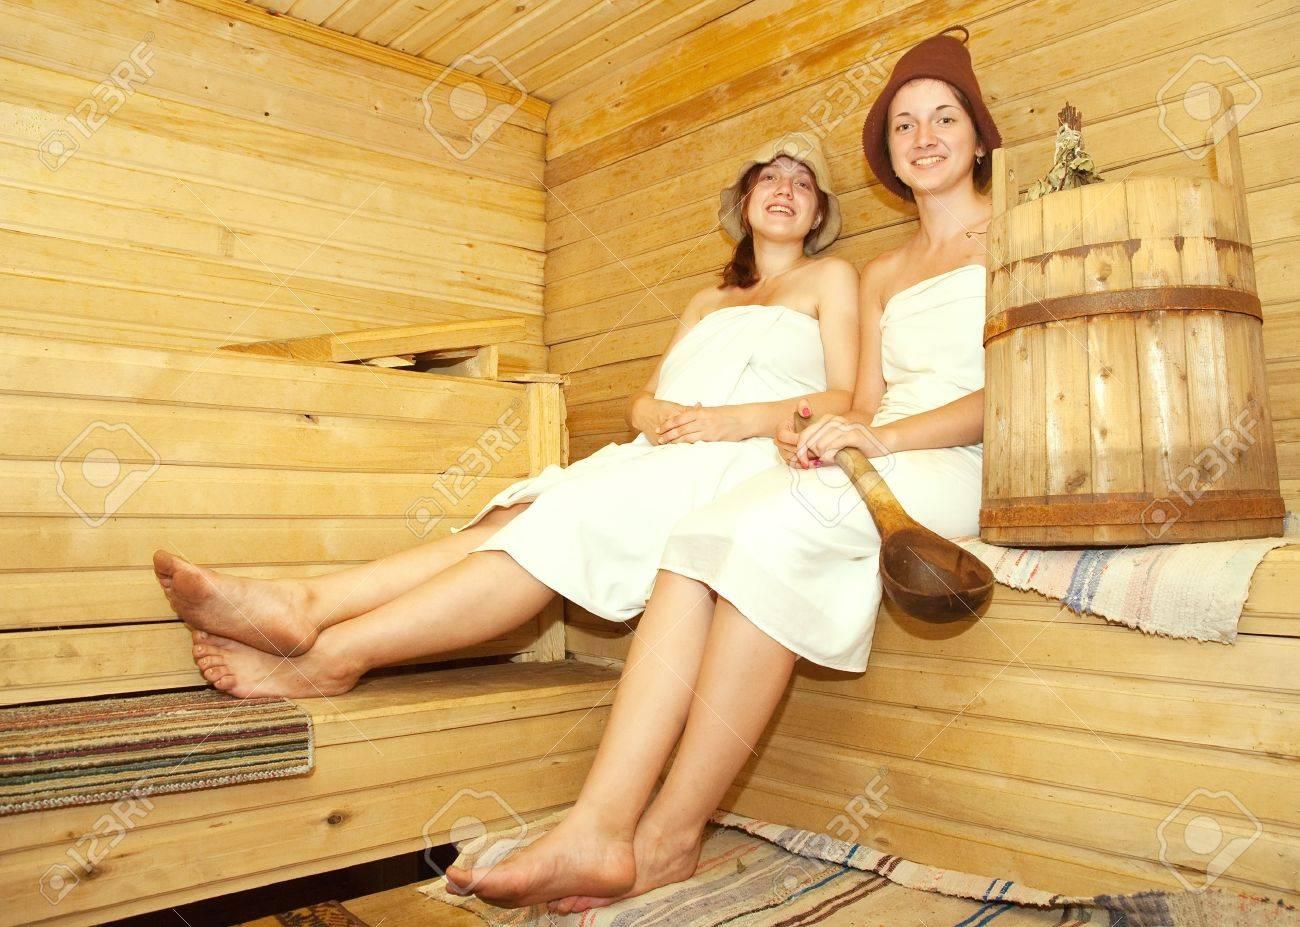 Фото девочки в бане 13 фотография